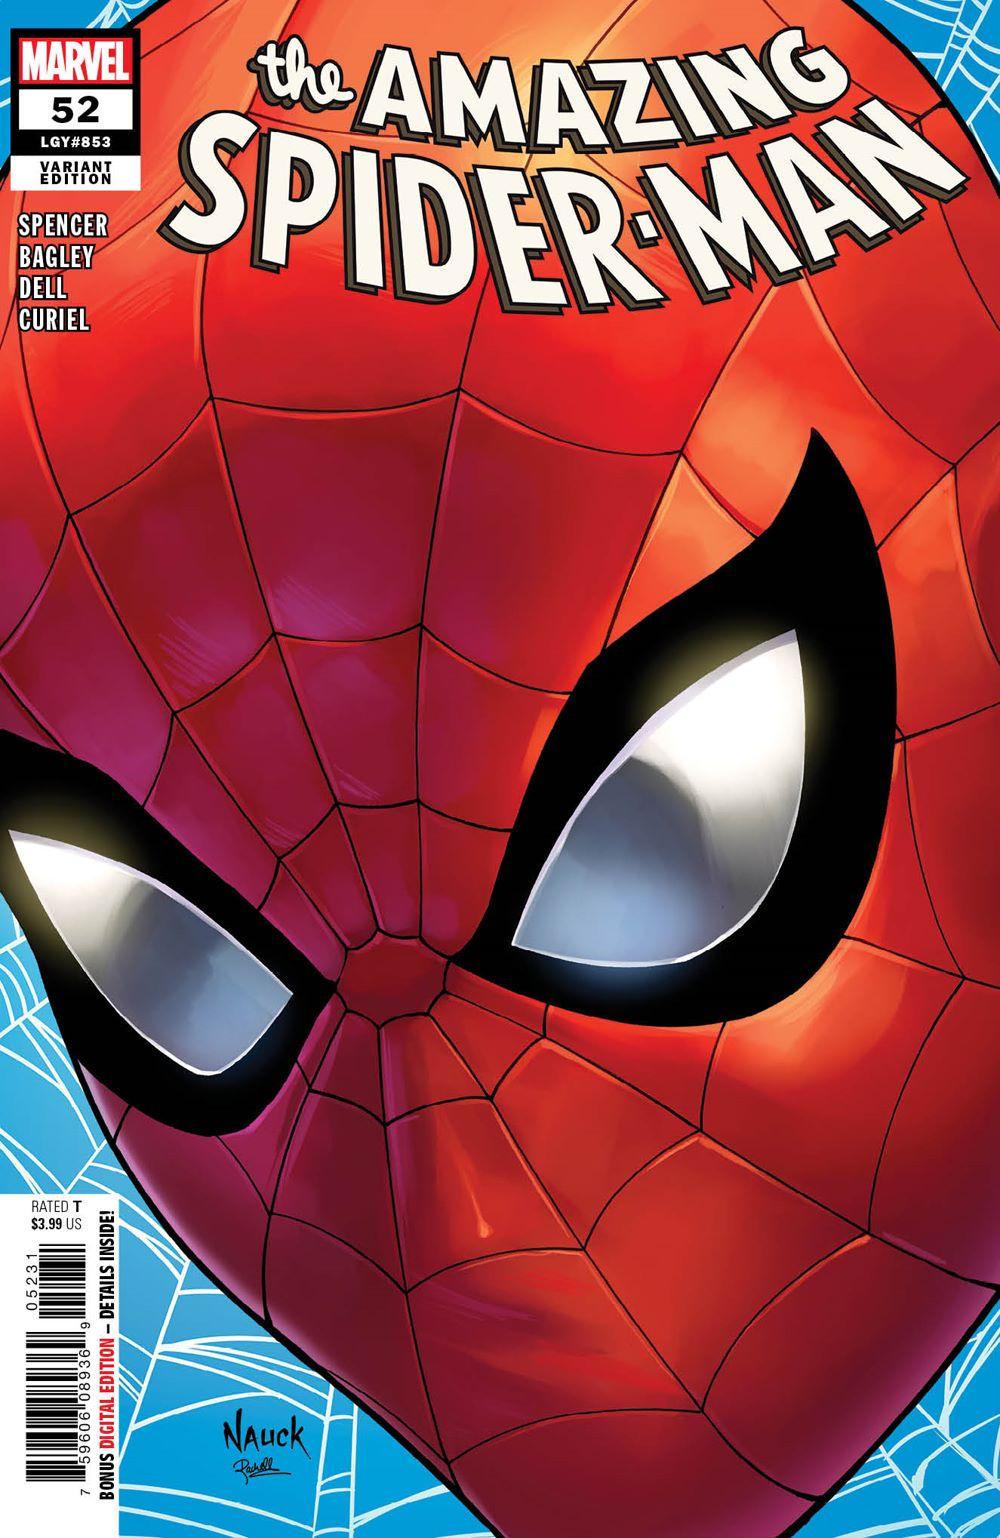 AMAZING-SPIDER-MAN-52-NAUCK-HEADSHOT-VARIANT Todd Nauck to draw Headshot Variant Covers for Marvel this November